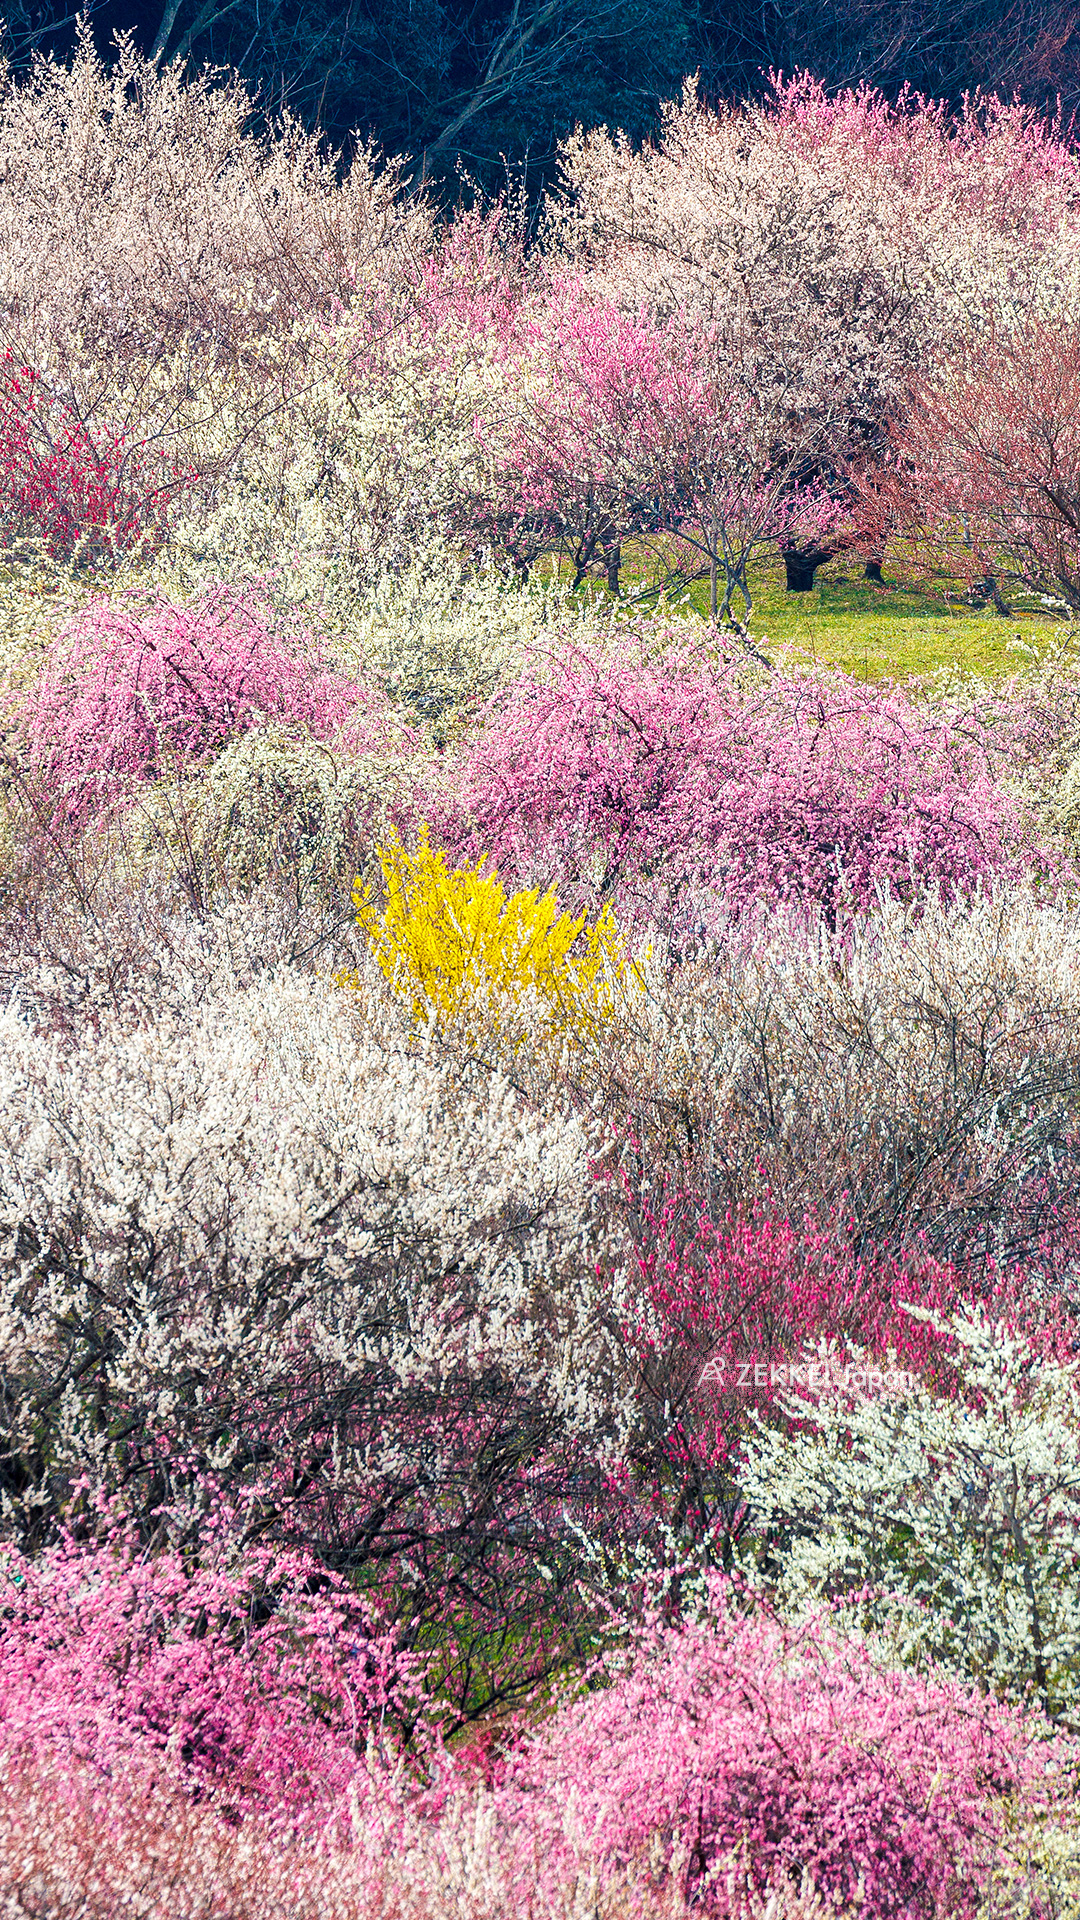 絶景壁紙 春の訪れを告げる梅の絶景をあなたの待ち受けに Zekkei Japan